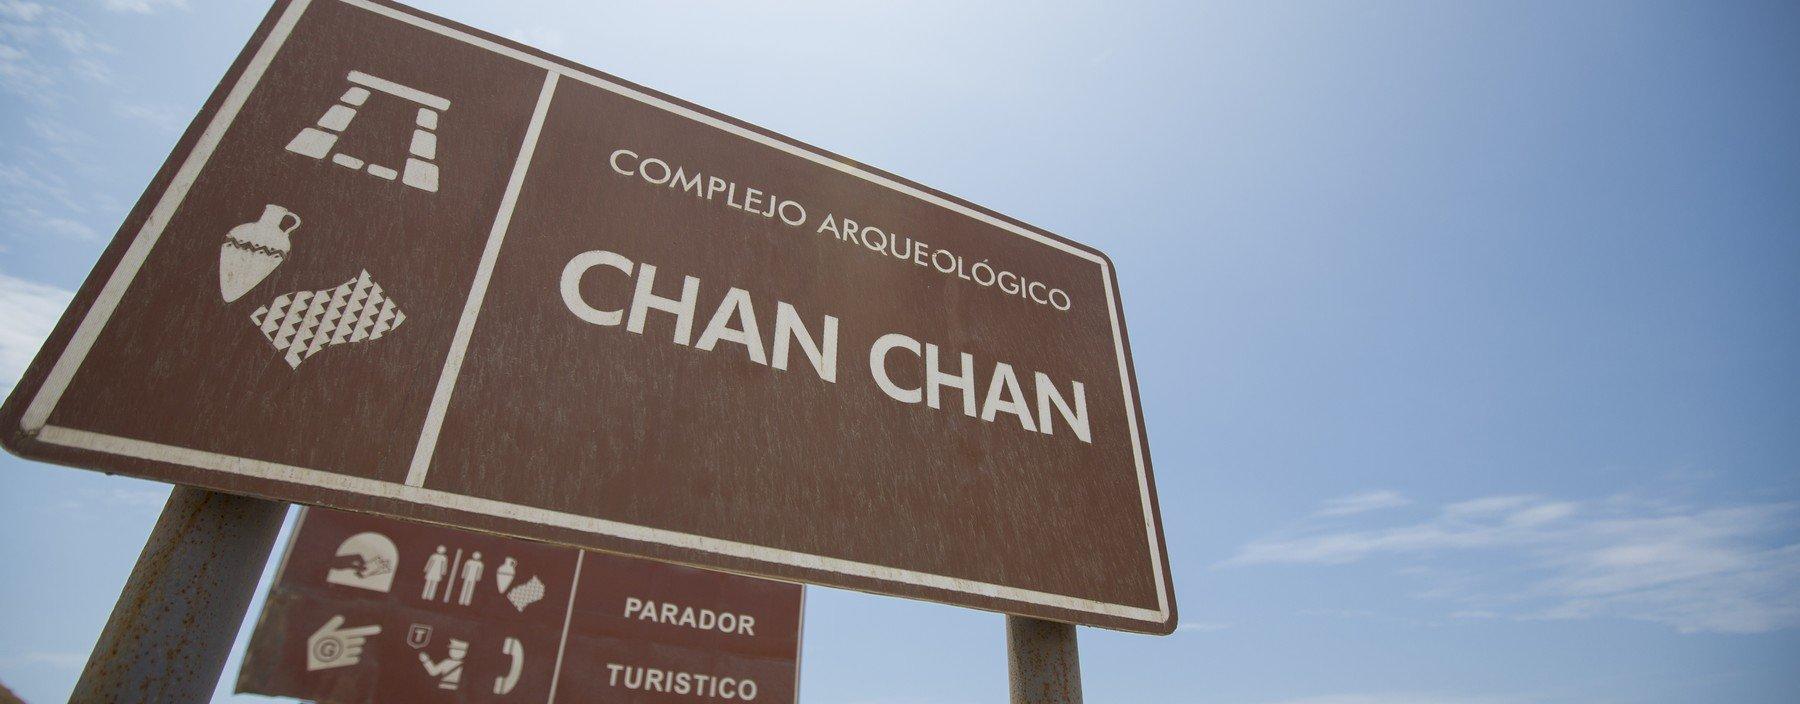 pe, trujillo, chanchan (4).jpg